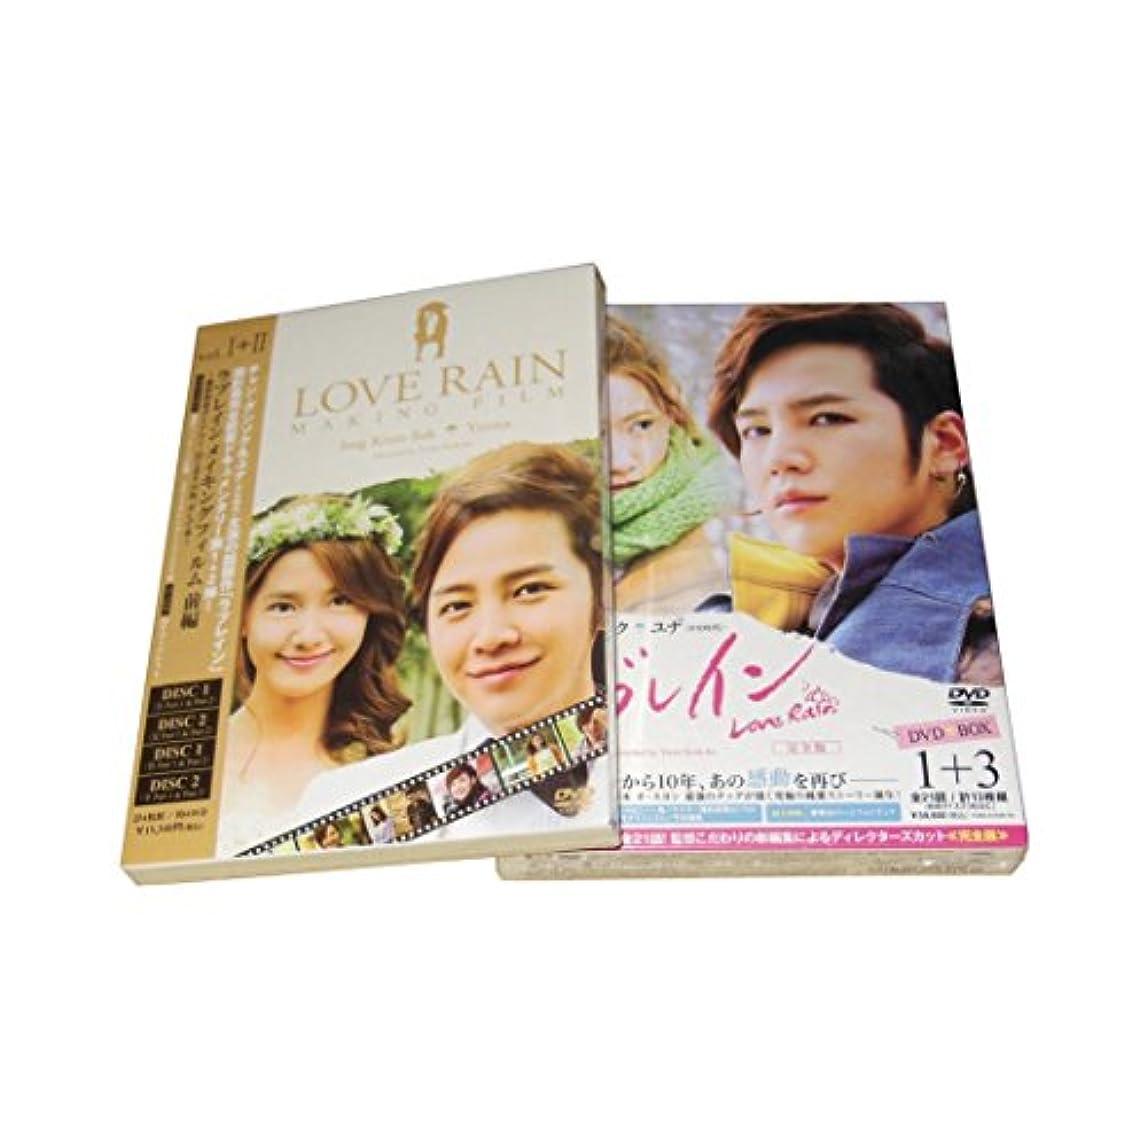 レンディションエイリアスビザラブレイン (完) BOX 1+3 2012 主演: チャン?グンソク